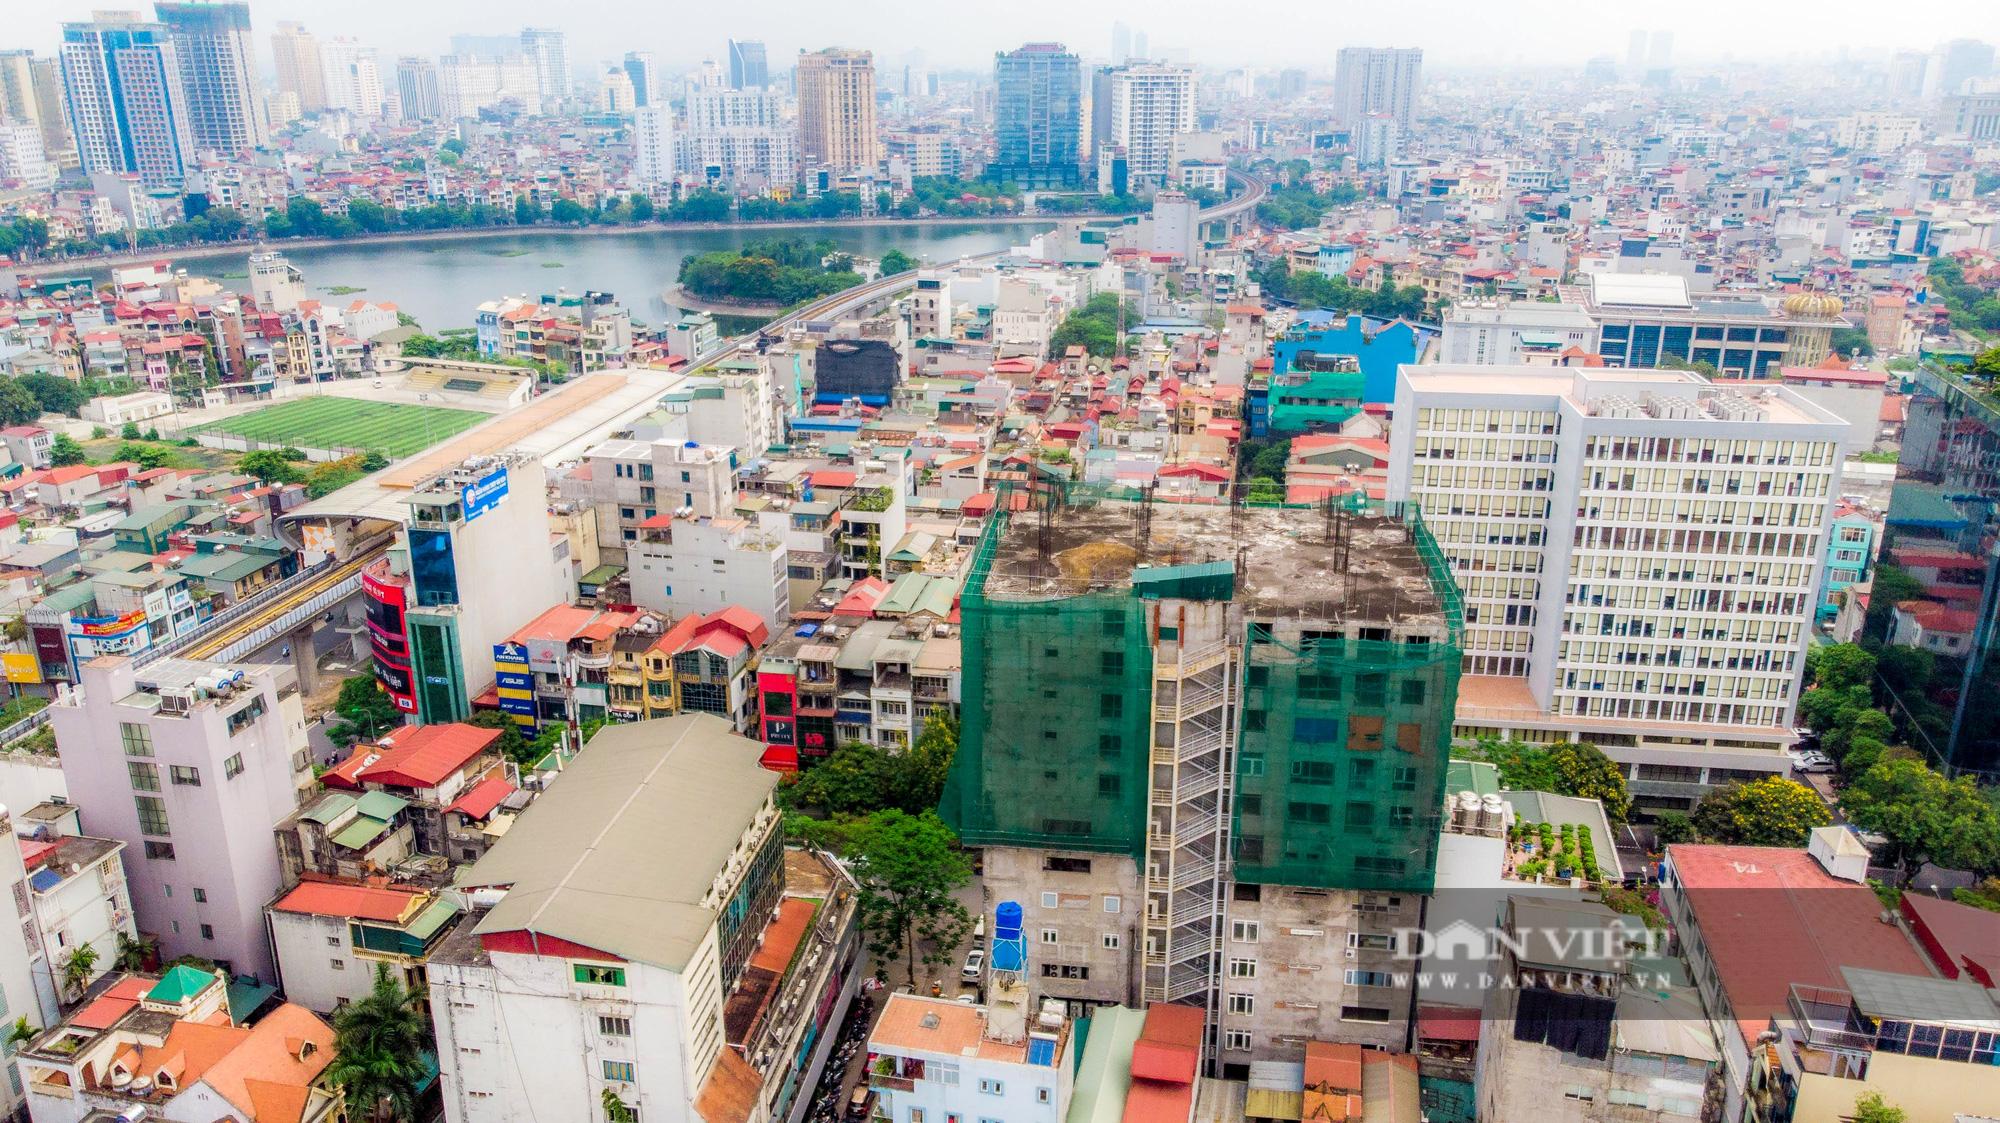 """Toàn cảnh dự án cao ốc 131 Thái Hà bị """"lãng quên"""" hơn 1 thập kỷ - Ảnh 4."""